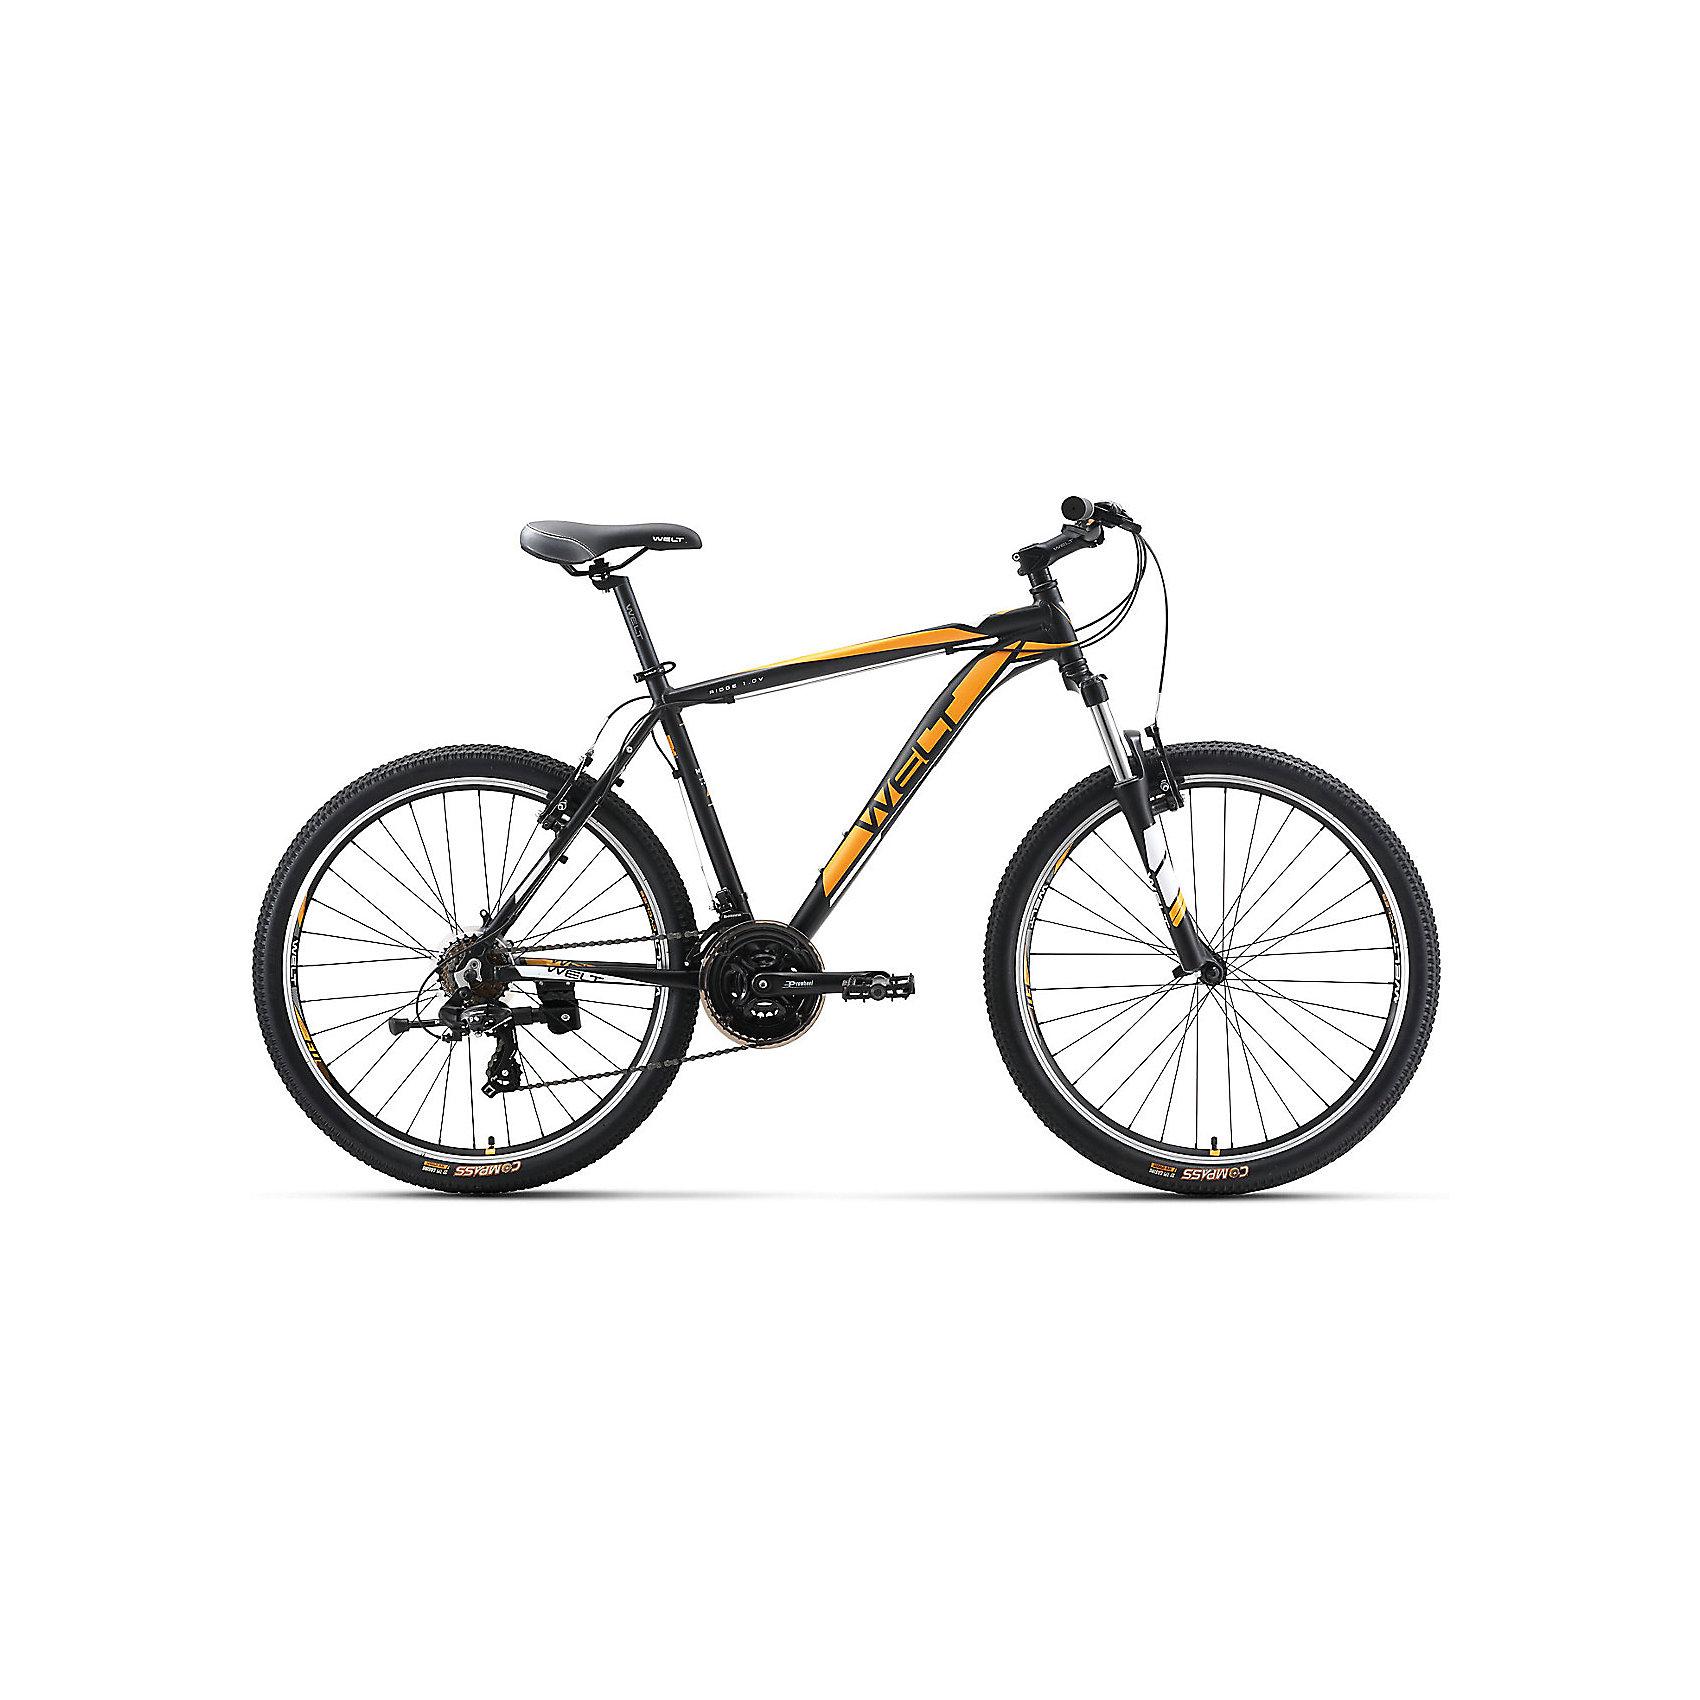 Велосипед  Ridge 1.0 V, 18 дюймов, черно-оранжевый, WeltВелосипеды детские<br>Характеристики товара:<br><br>• цвет: черный, оранжевый<br>• возраст: от 6 лет<br>• механические тормоза<br>• цельнолитая контрукция вилки, ход 100мм<br>• подножка<br>• диаметр колес: 18<br>• кол-во скоростей: 21<br>• вилка: Suntour XCT HLO 100mm (амортизационная)<br>• переключатель задний : Shimano TY-300<br>• переключатель передний: Shimano TZ-30<br>• шифтеры: Shimano EF-51<br>• тип тормозов: V-brake<br>• тормоза: Alloy YX-122<br>• система:  Prowheel alloy 42/34/24 <br>• кассета: Shimano HG20 12-28T<br>• тип рулевой колонки:  1-1/8 безрезьбовая<br>• покрышки: Compass 26 x 2,1<br>• страна бренда: Германия<br><br>Велосипед  Ridge 1.0 V, рама которого выполнена из алюминиевого сплава. Колеса на двойных ободах. Отличают эту модель от остальных дисковые тормоза, более технологичные по сравнению с ободными. <br><br>Этот универсальный велосипед можно эксплуатировать в городе или за его пределами.<br><br>Велосипед  Ridge 1.0 V, 18 дюймов, черно-оранжевый, Welt можно купить в нашем интернет-магазине.<br><br>Ширина мм: 1450<br>Глубина мм: 200<br>Высота мм: 800<br>Вес г: 16500<br>Возраст от месяцев: 168<br>Возраст до месяцев: 2147483647<br>Пол: Унисекс<br>Возраст: Детский<br>SKU: 5569424